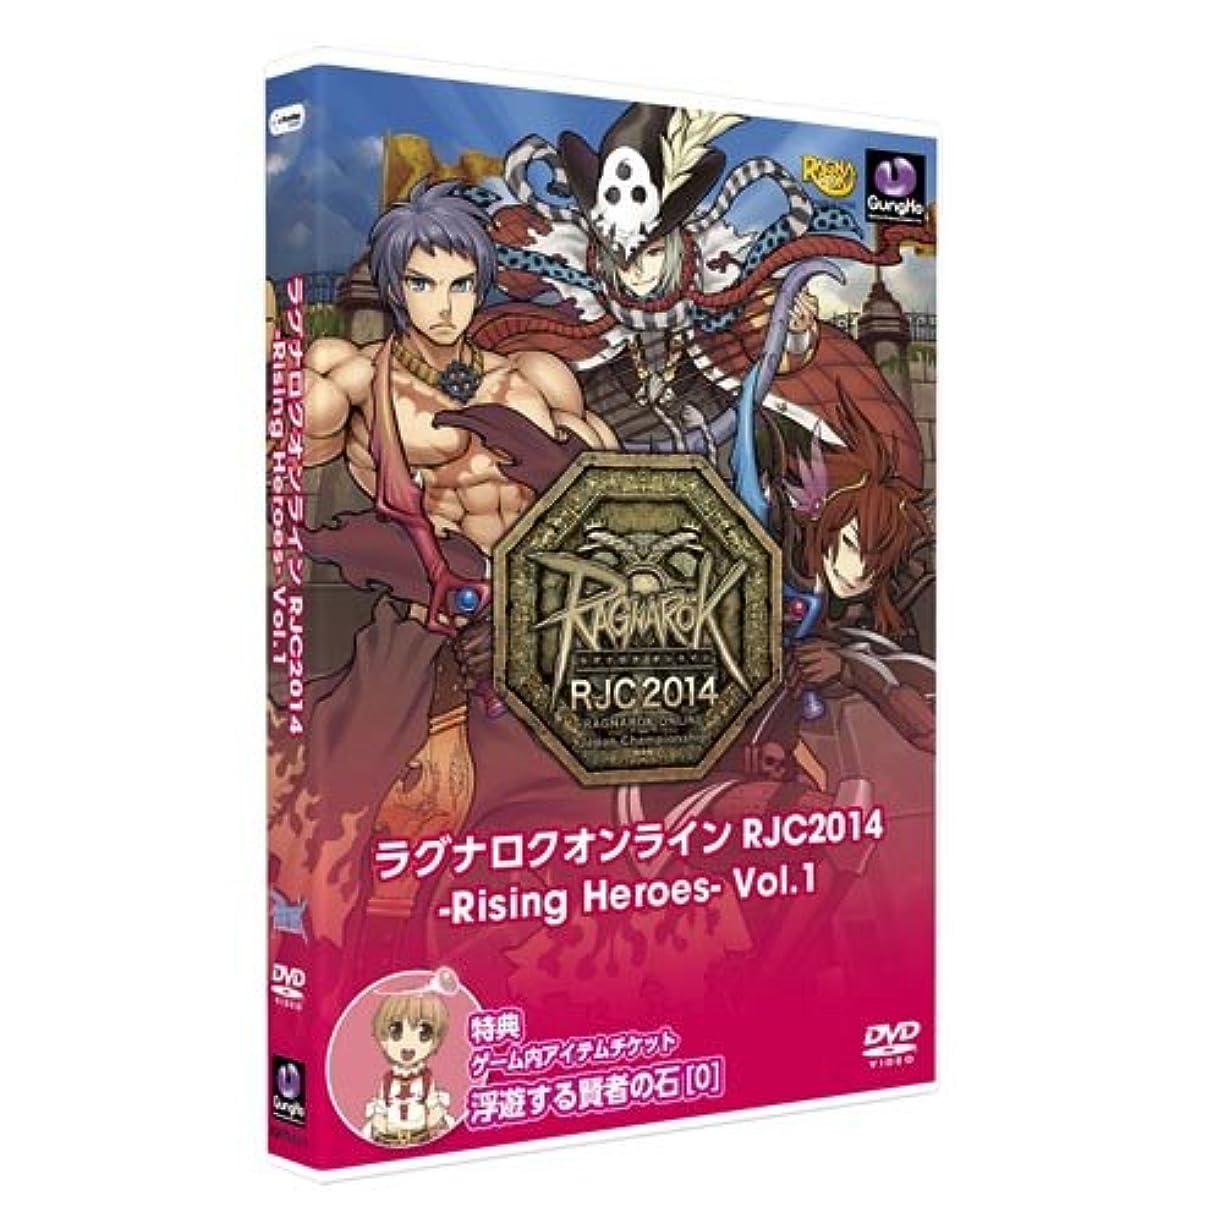 イーフロンティア ラグナロクオンライン RJC2014-Rising Heroes- Vol.1